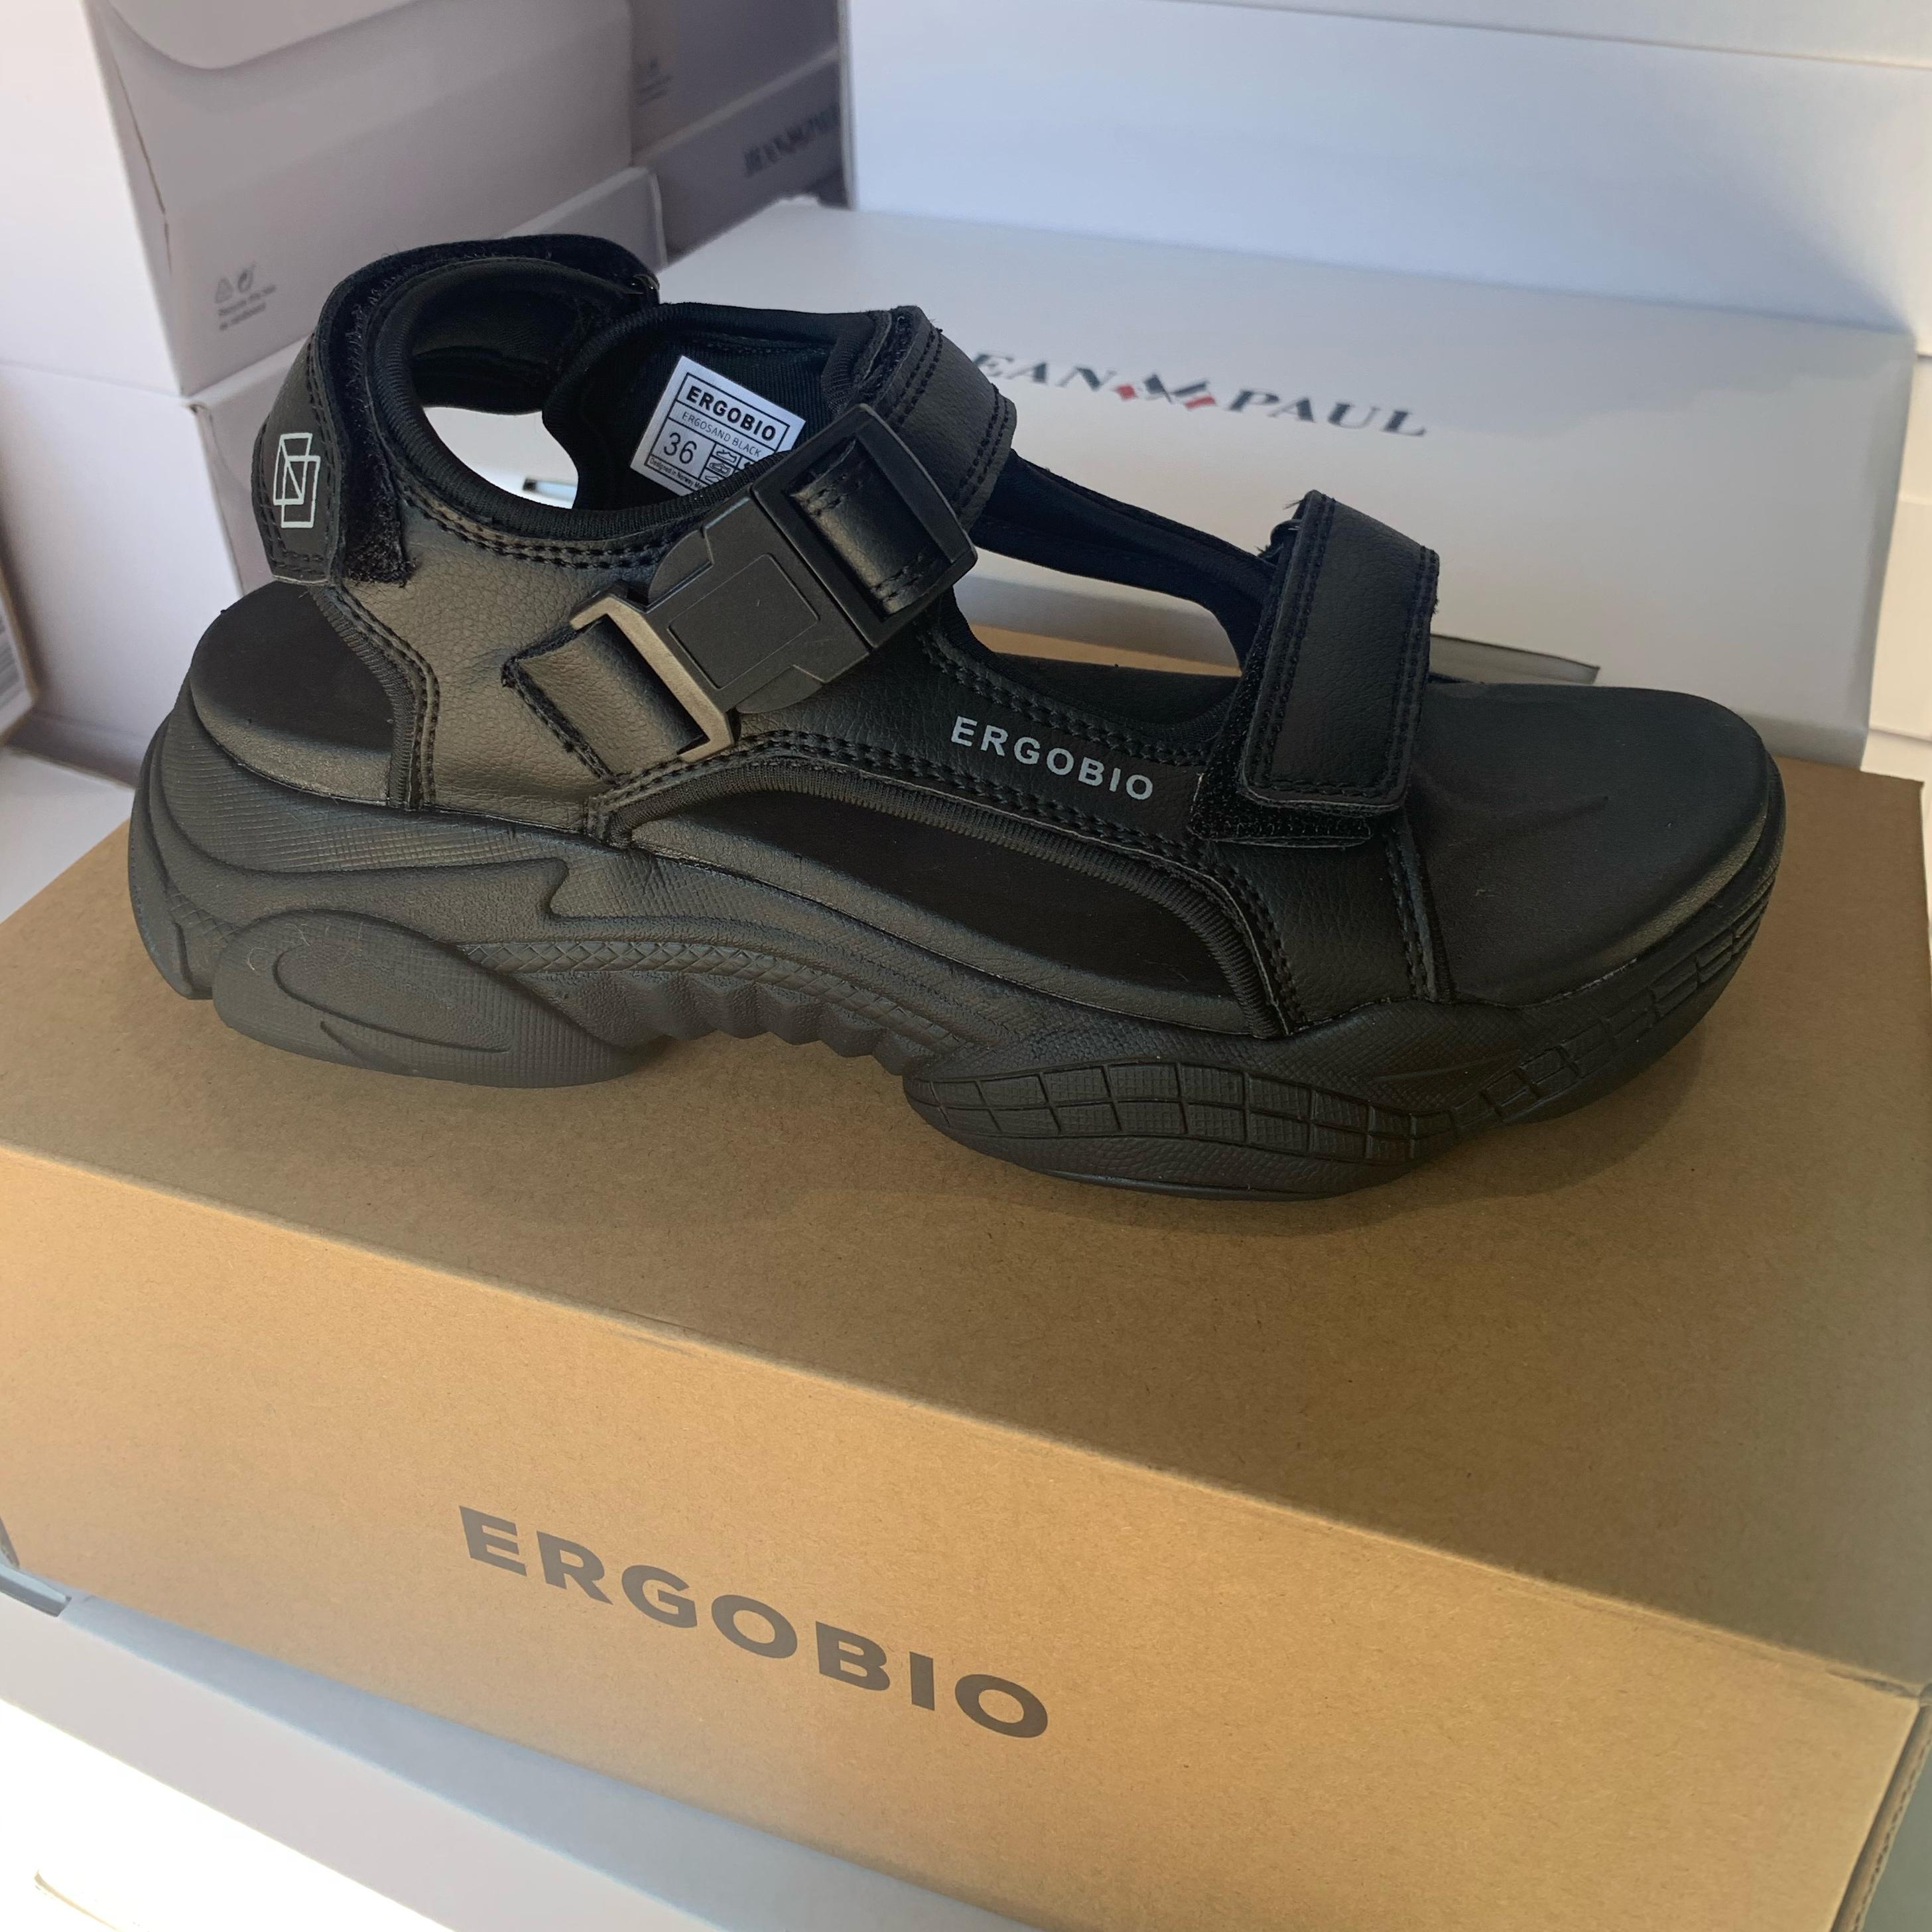 ergobio ergosand black2